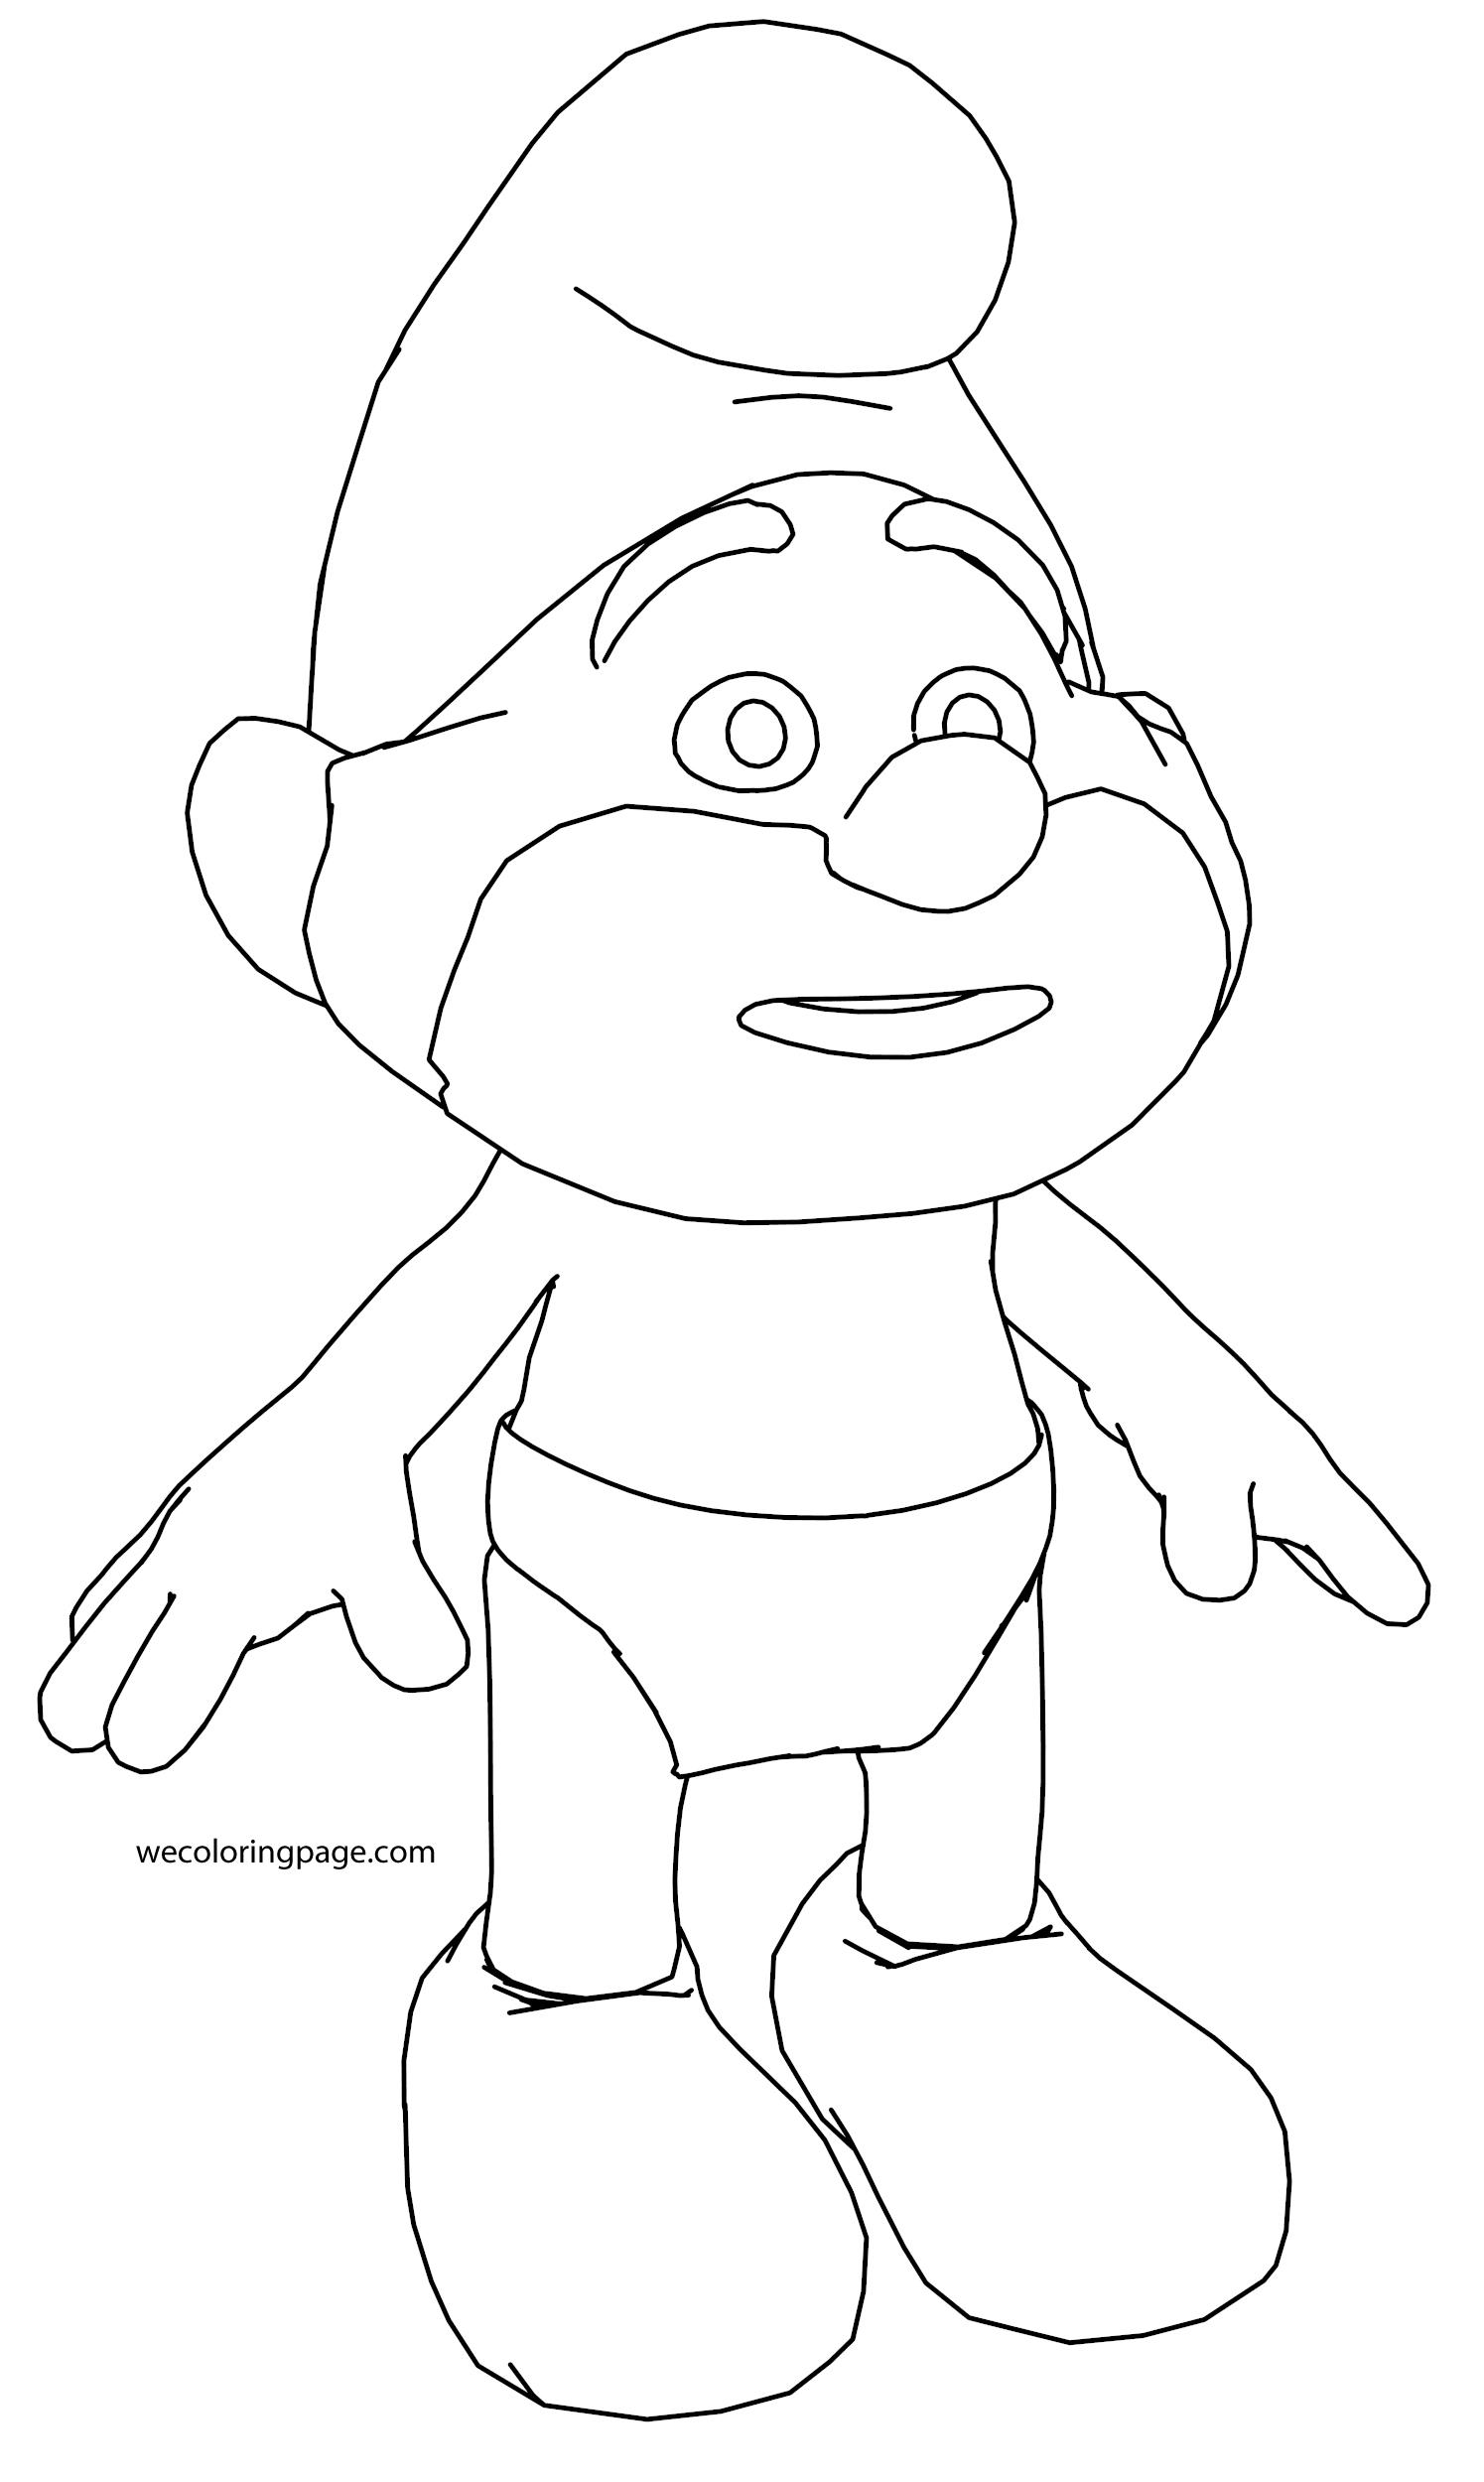 Papa Smurf Coloring Page 09